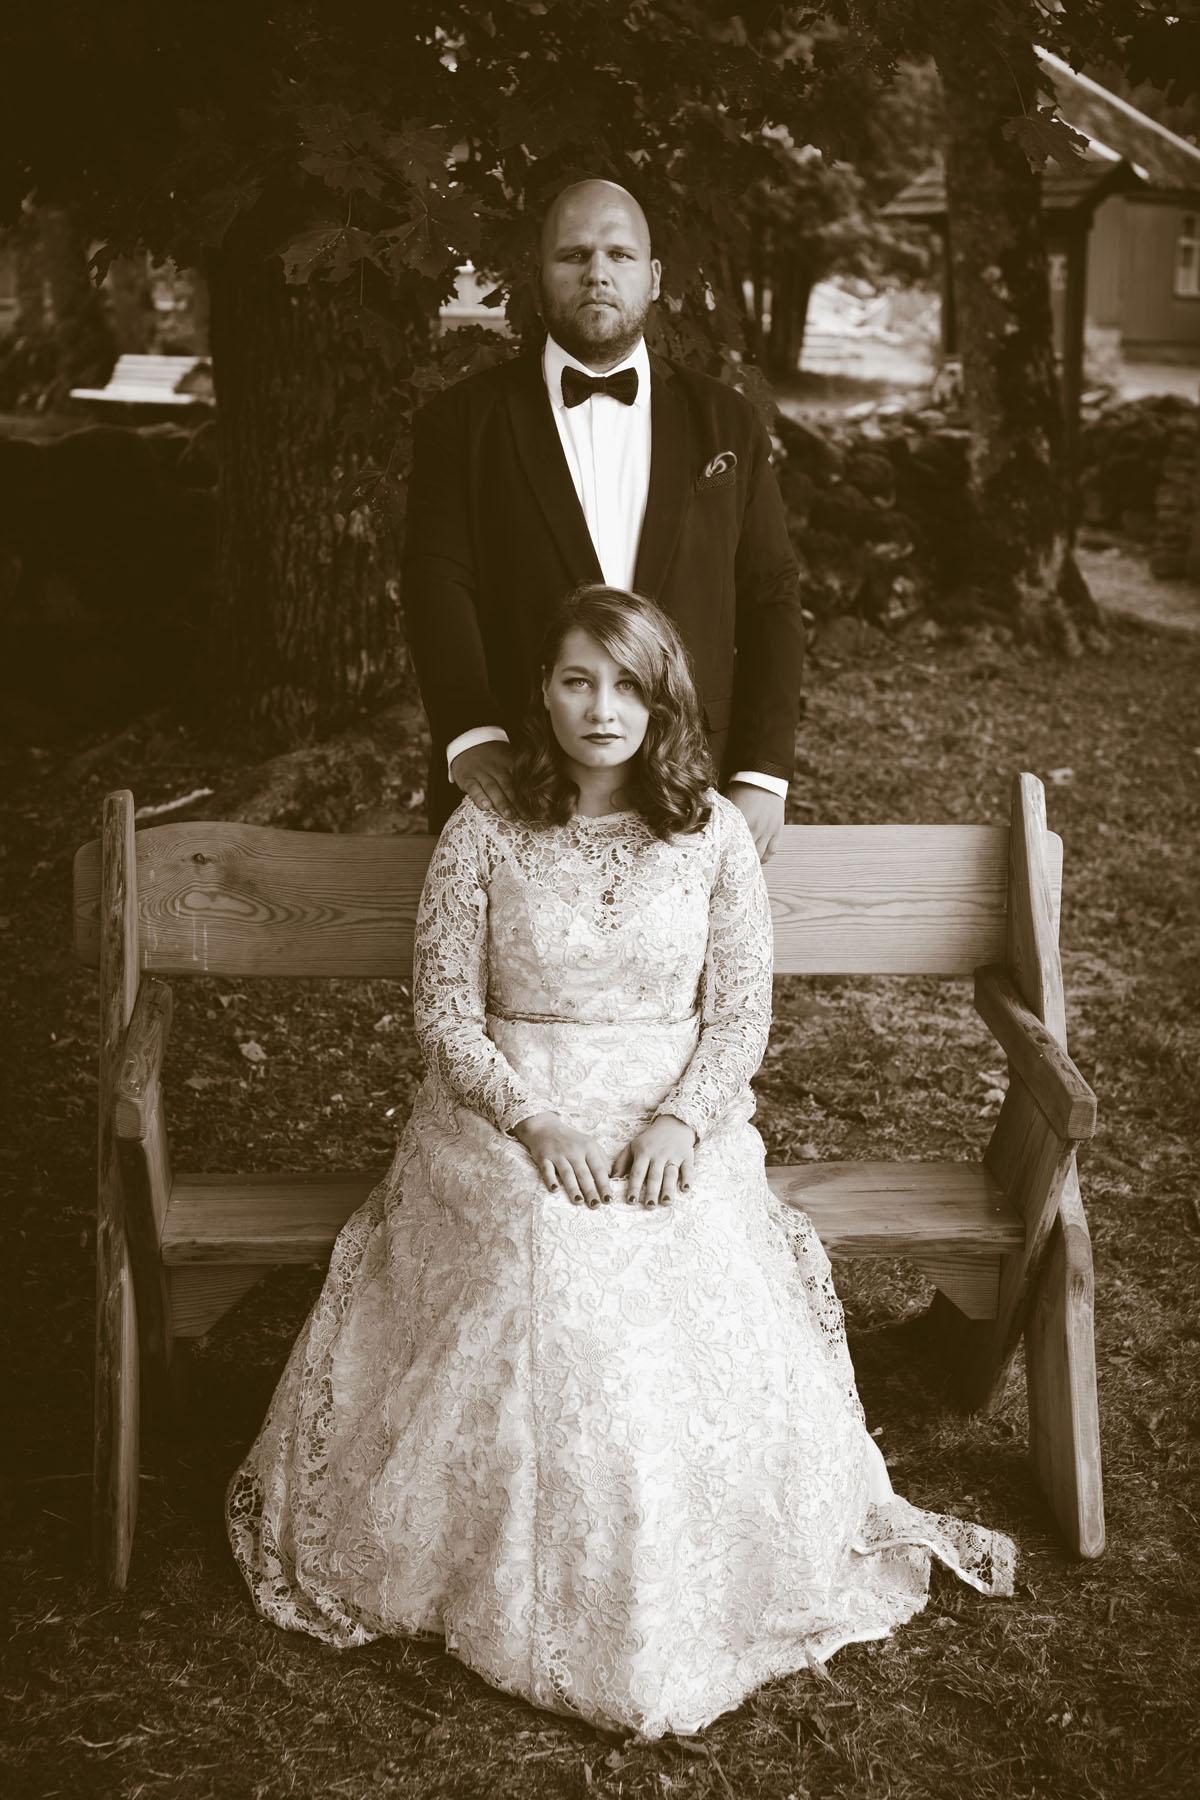 wedding-photos-036-diy-wedding.jpg